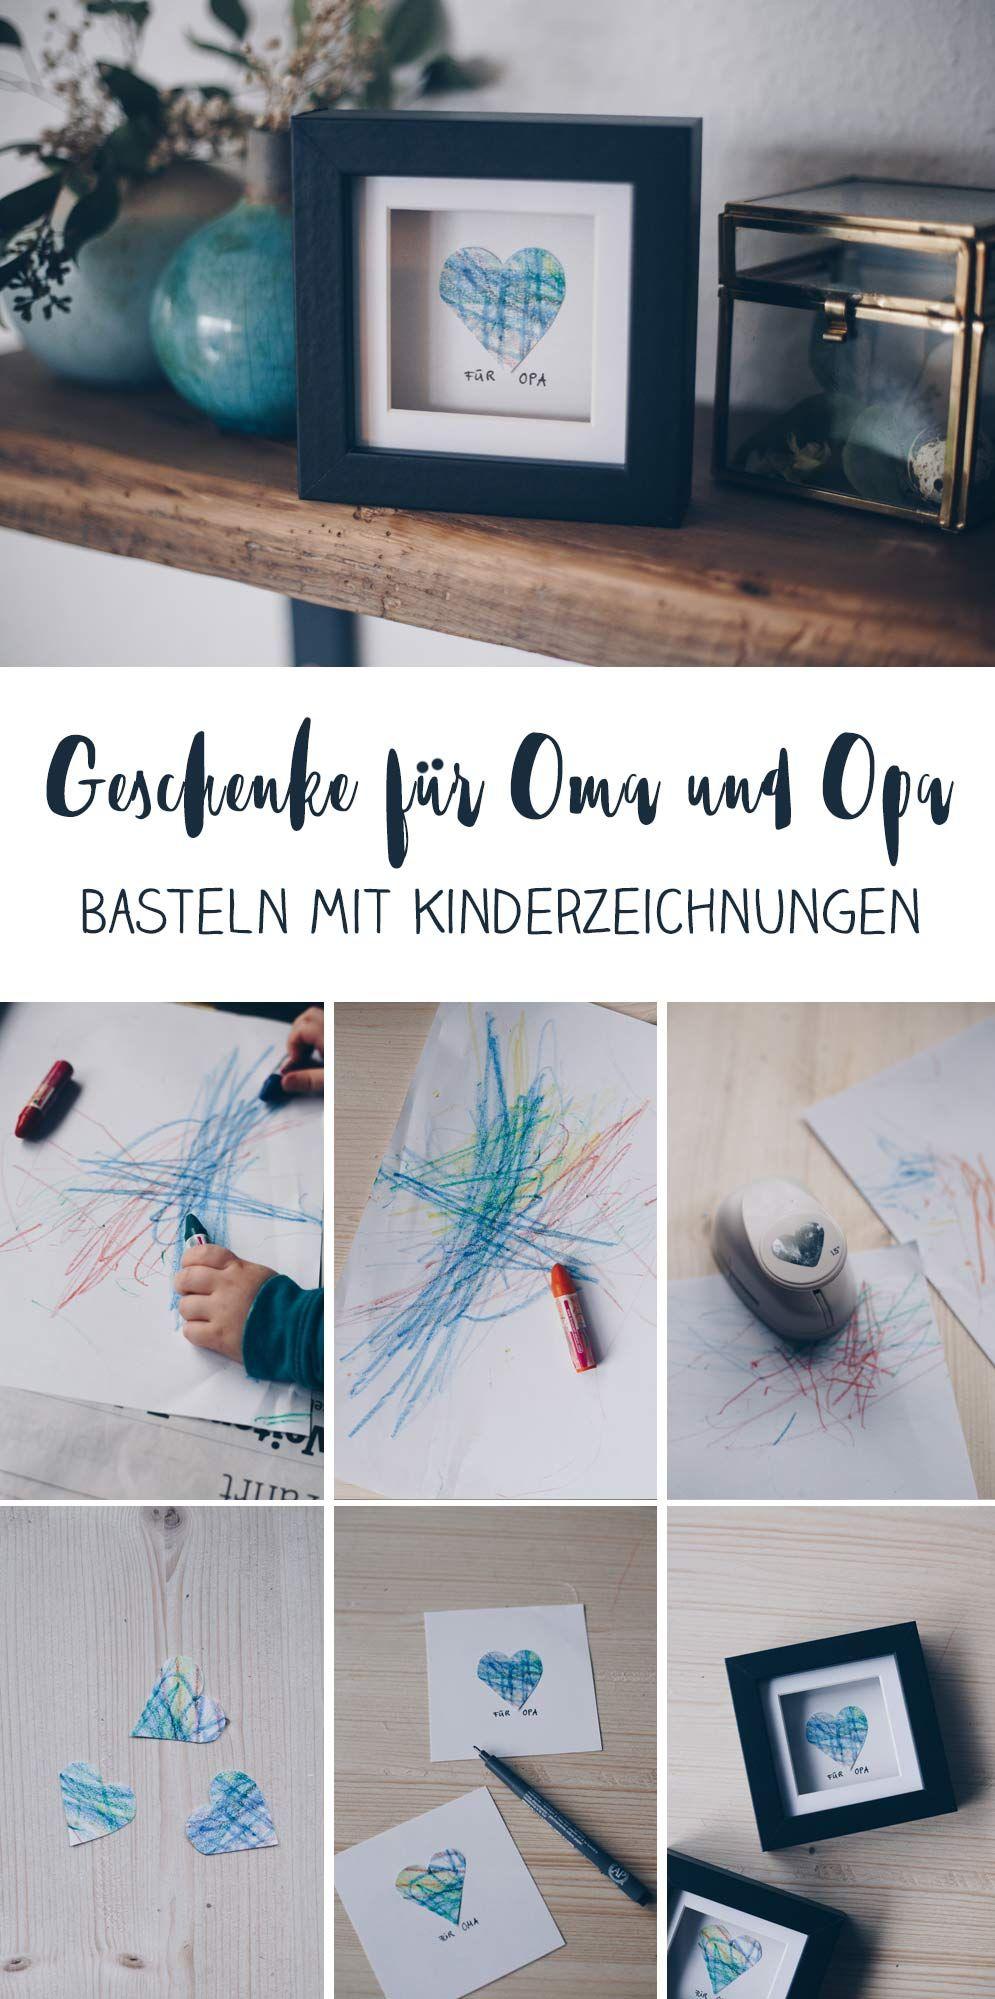 DIY Geschenkidee mit Kinderzeichnung - Geschenkidee für Oma und Opa